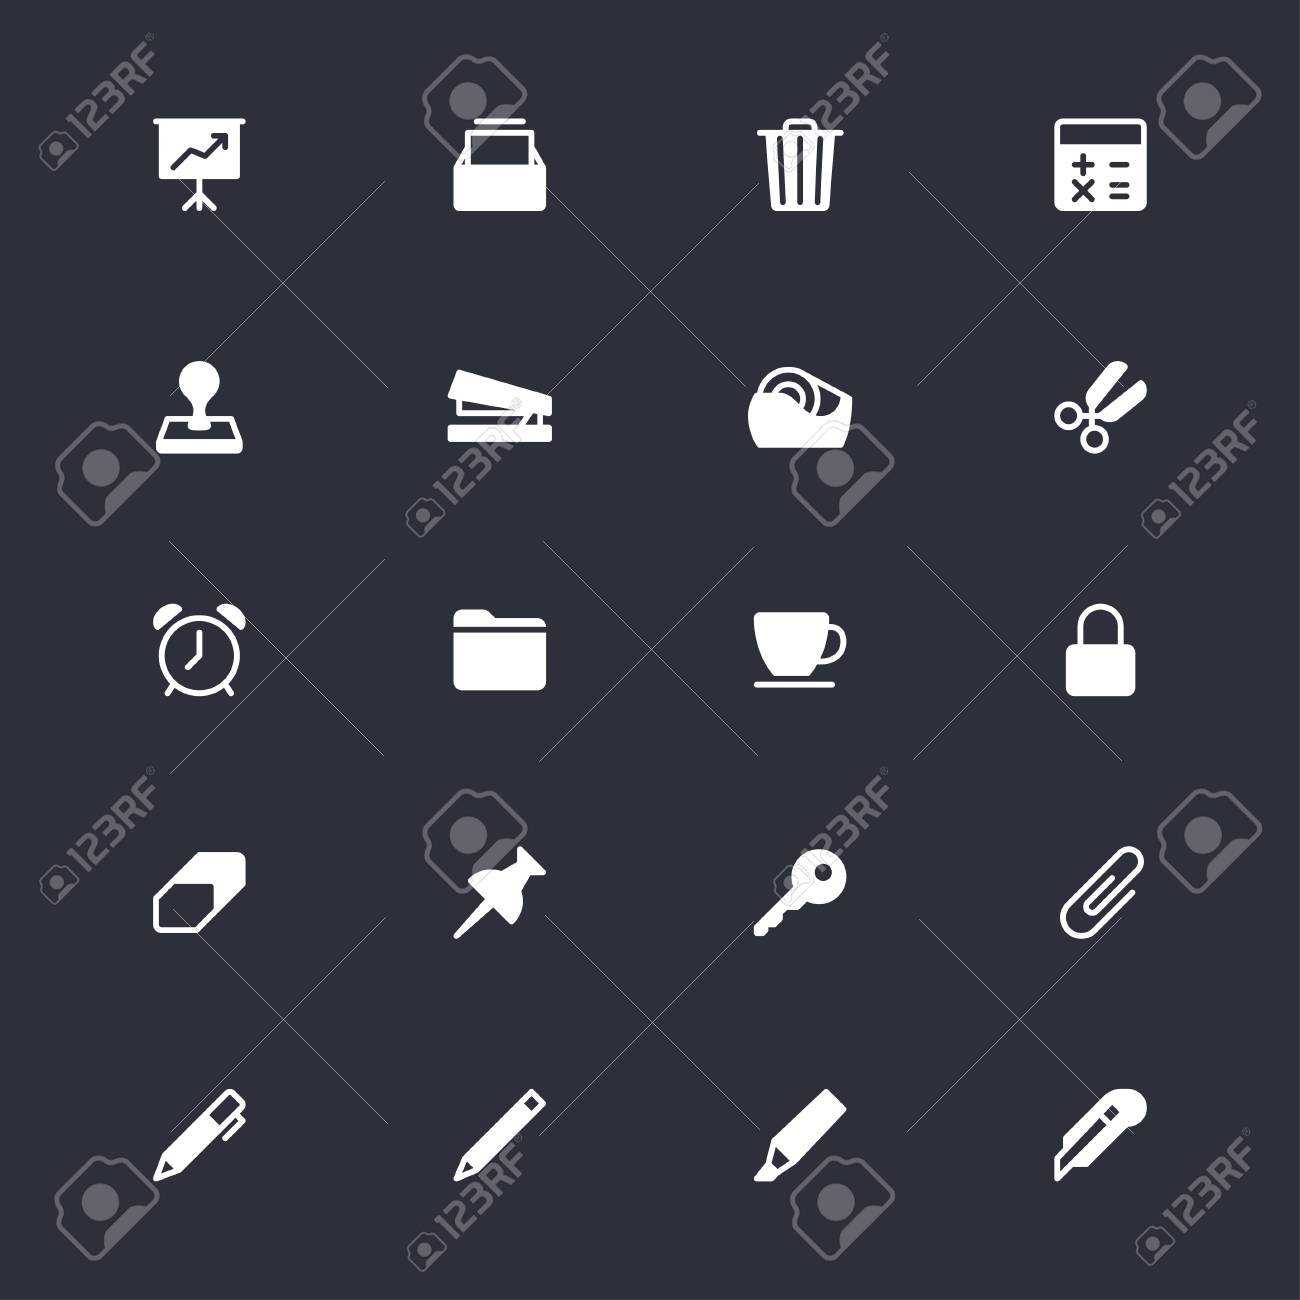 Bürobedarf Einfache Symbole Lizenzfrei Nutzbare Vektorgrafiken, Clip ...